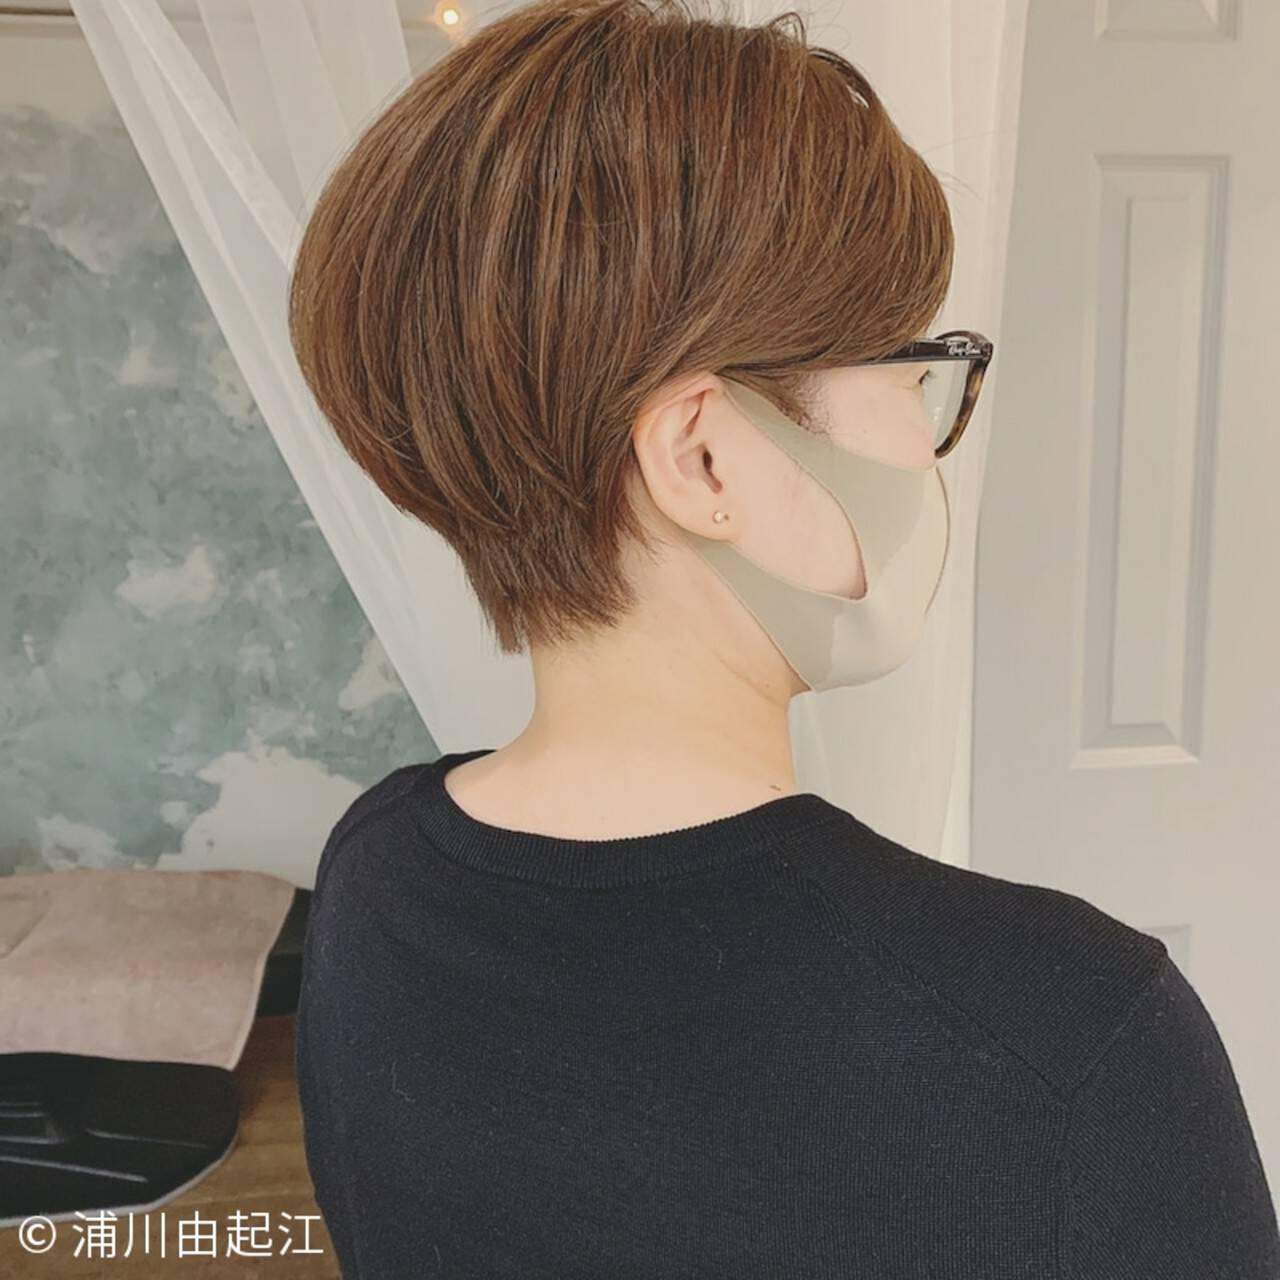 モード 春ヘア ベリーショート 大人かわいいヘアスタイルや髪型の写真・画像